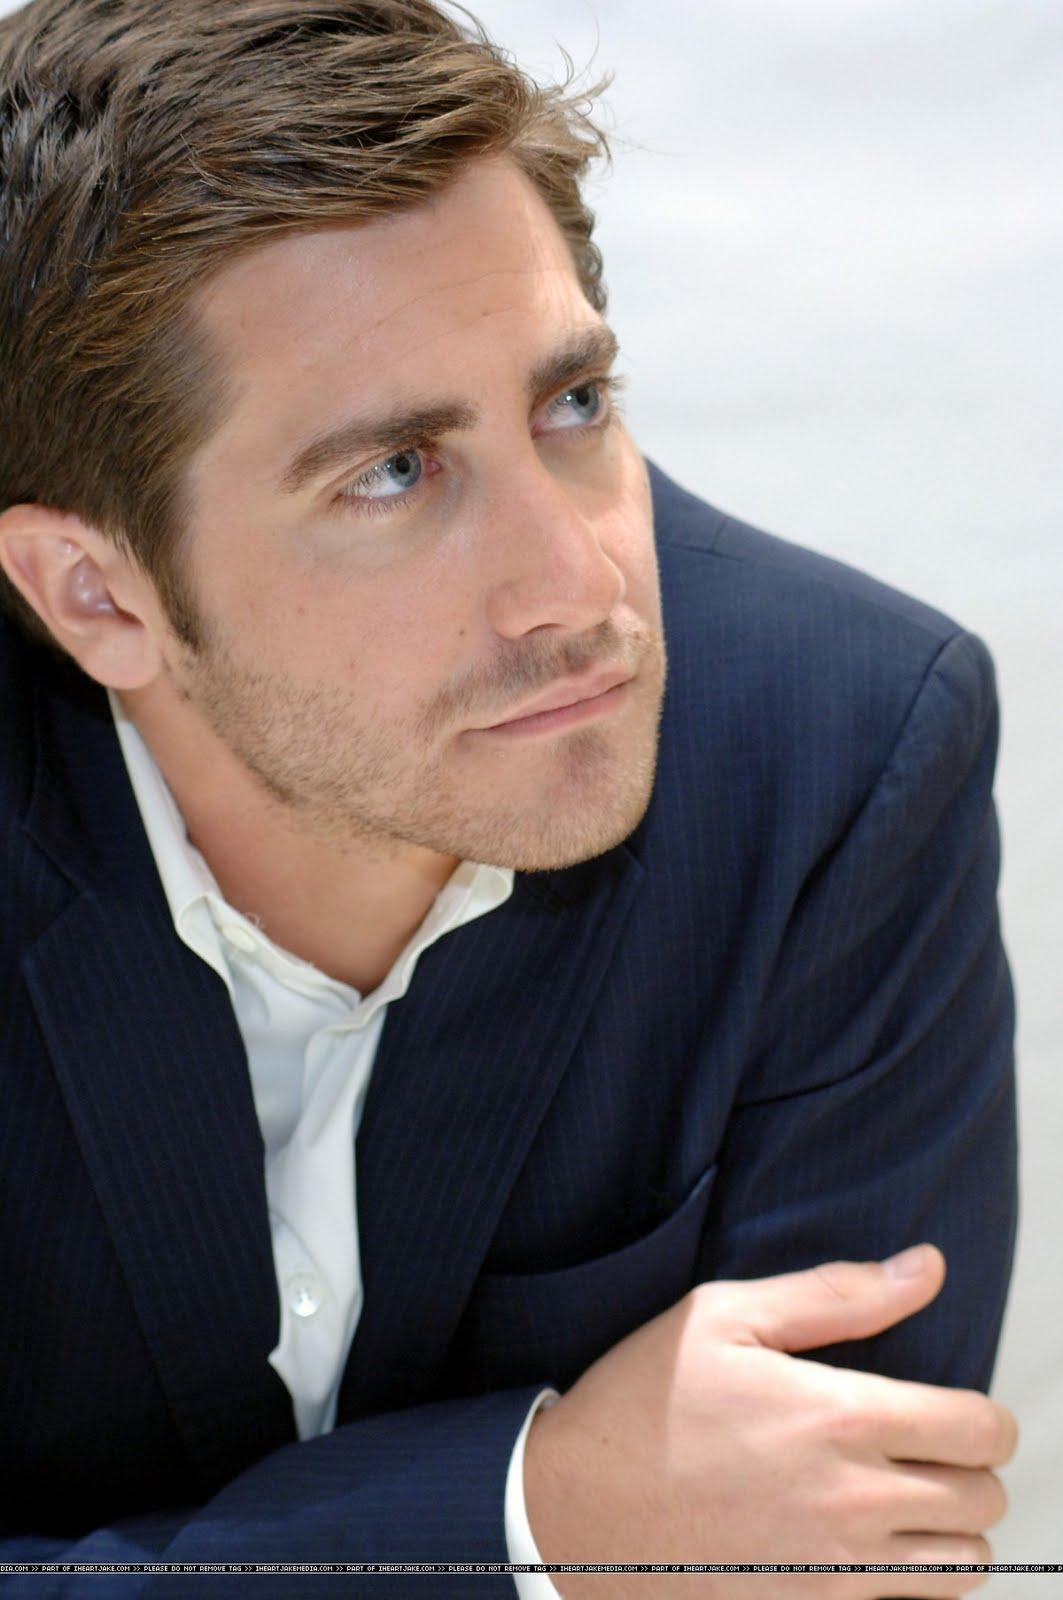 Jake Gyllenhaal for GQ Australia November 2013 |Old Jake Gyllenhaal